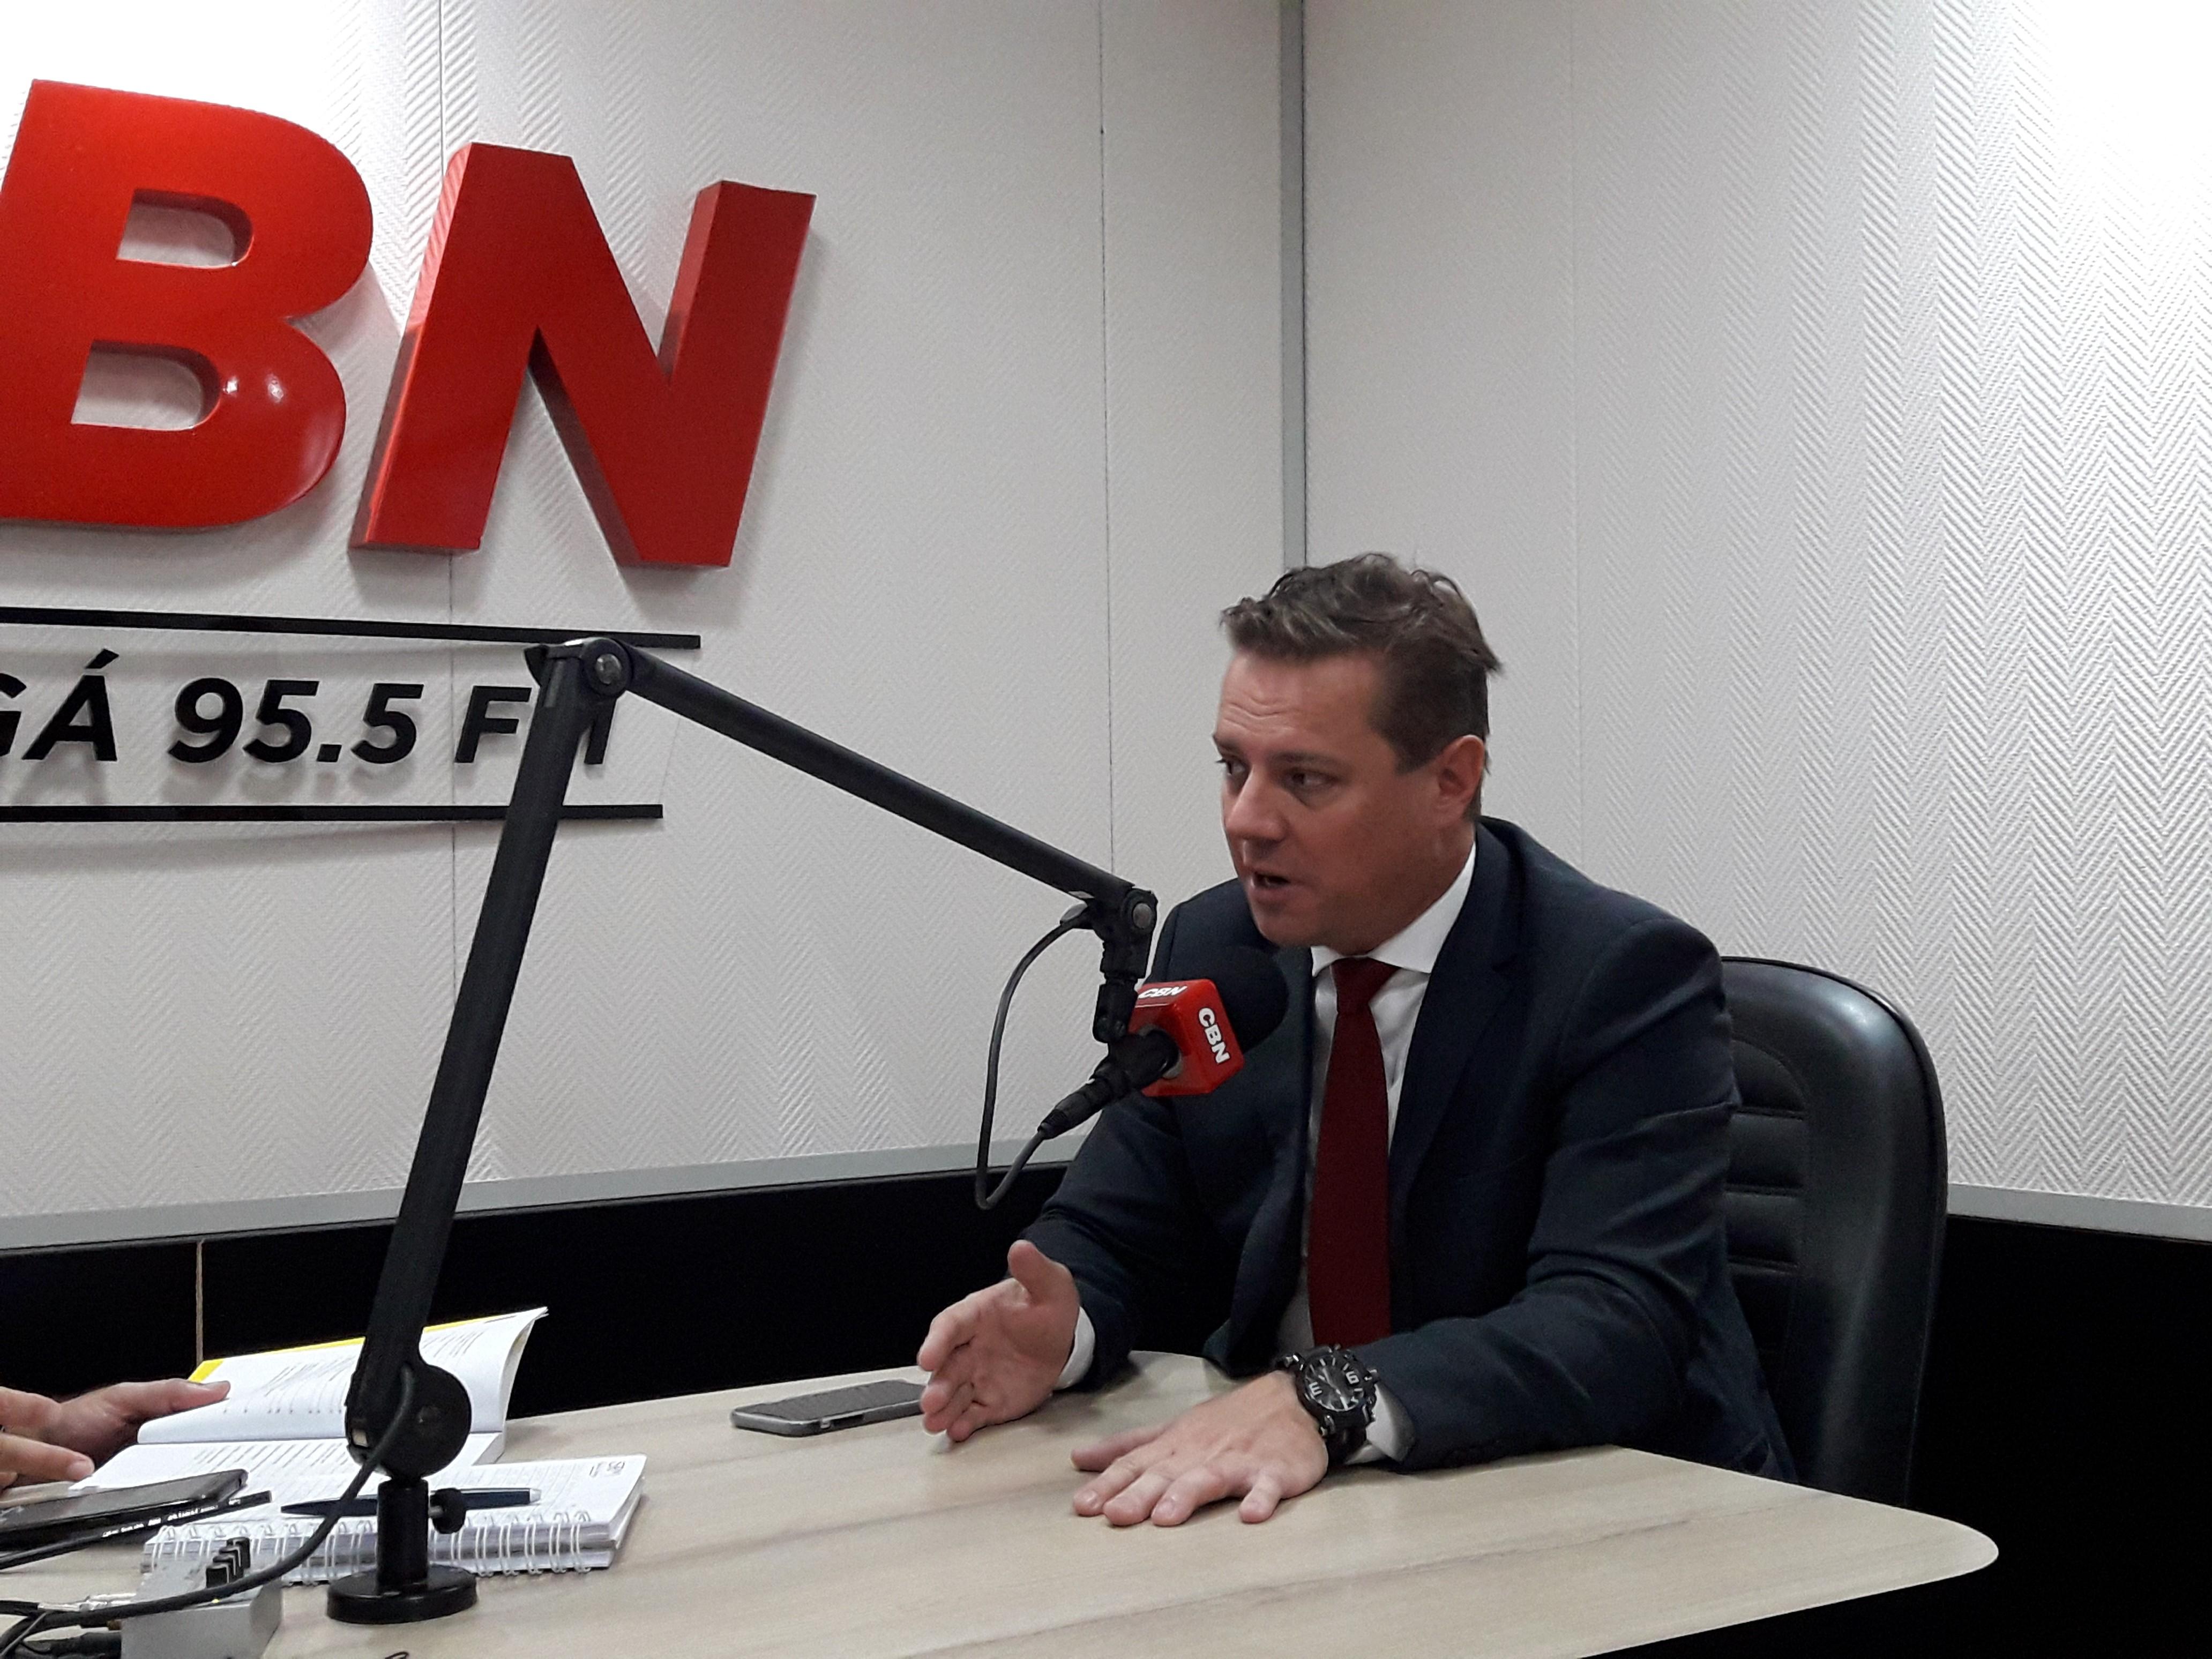 Reforma trabalhista tirou o Brasil do atraso